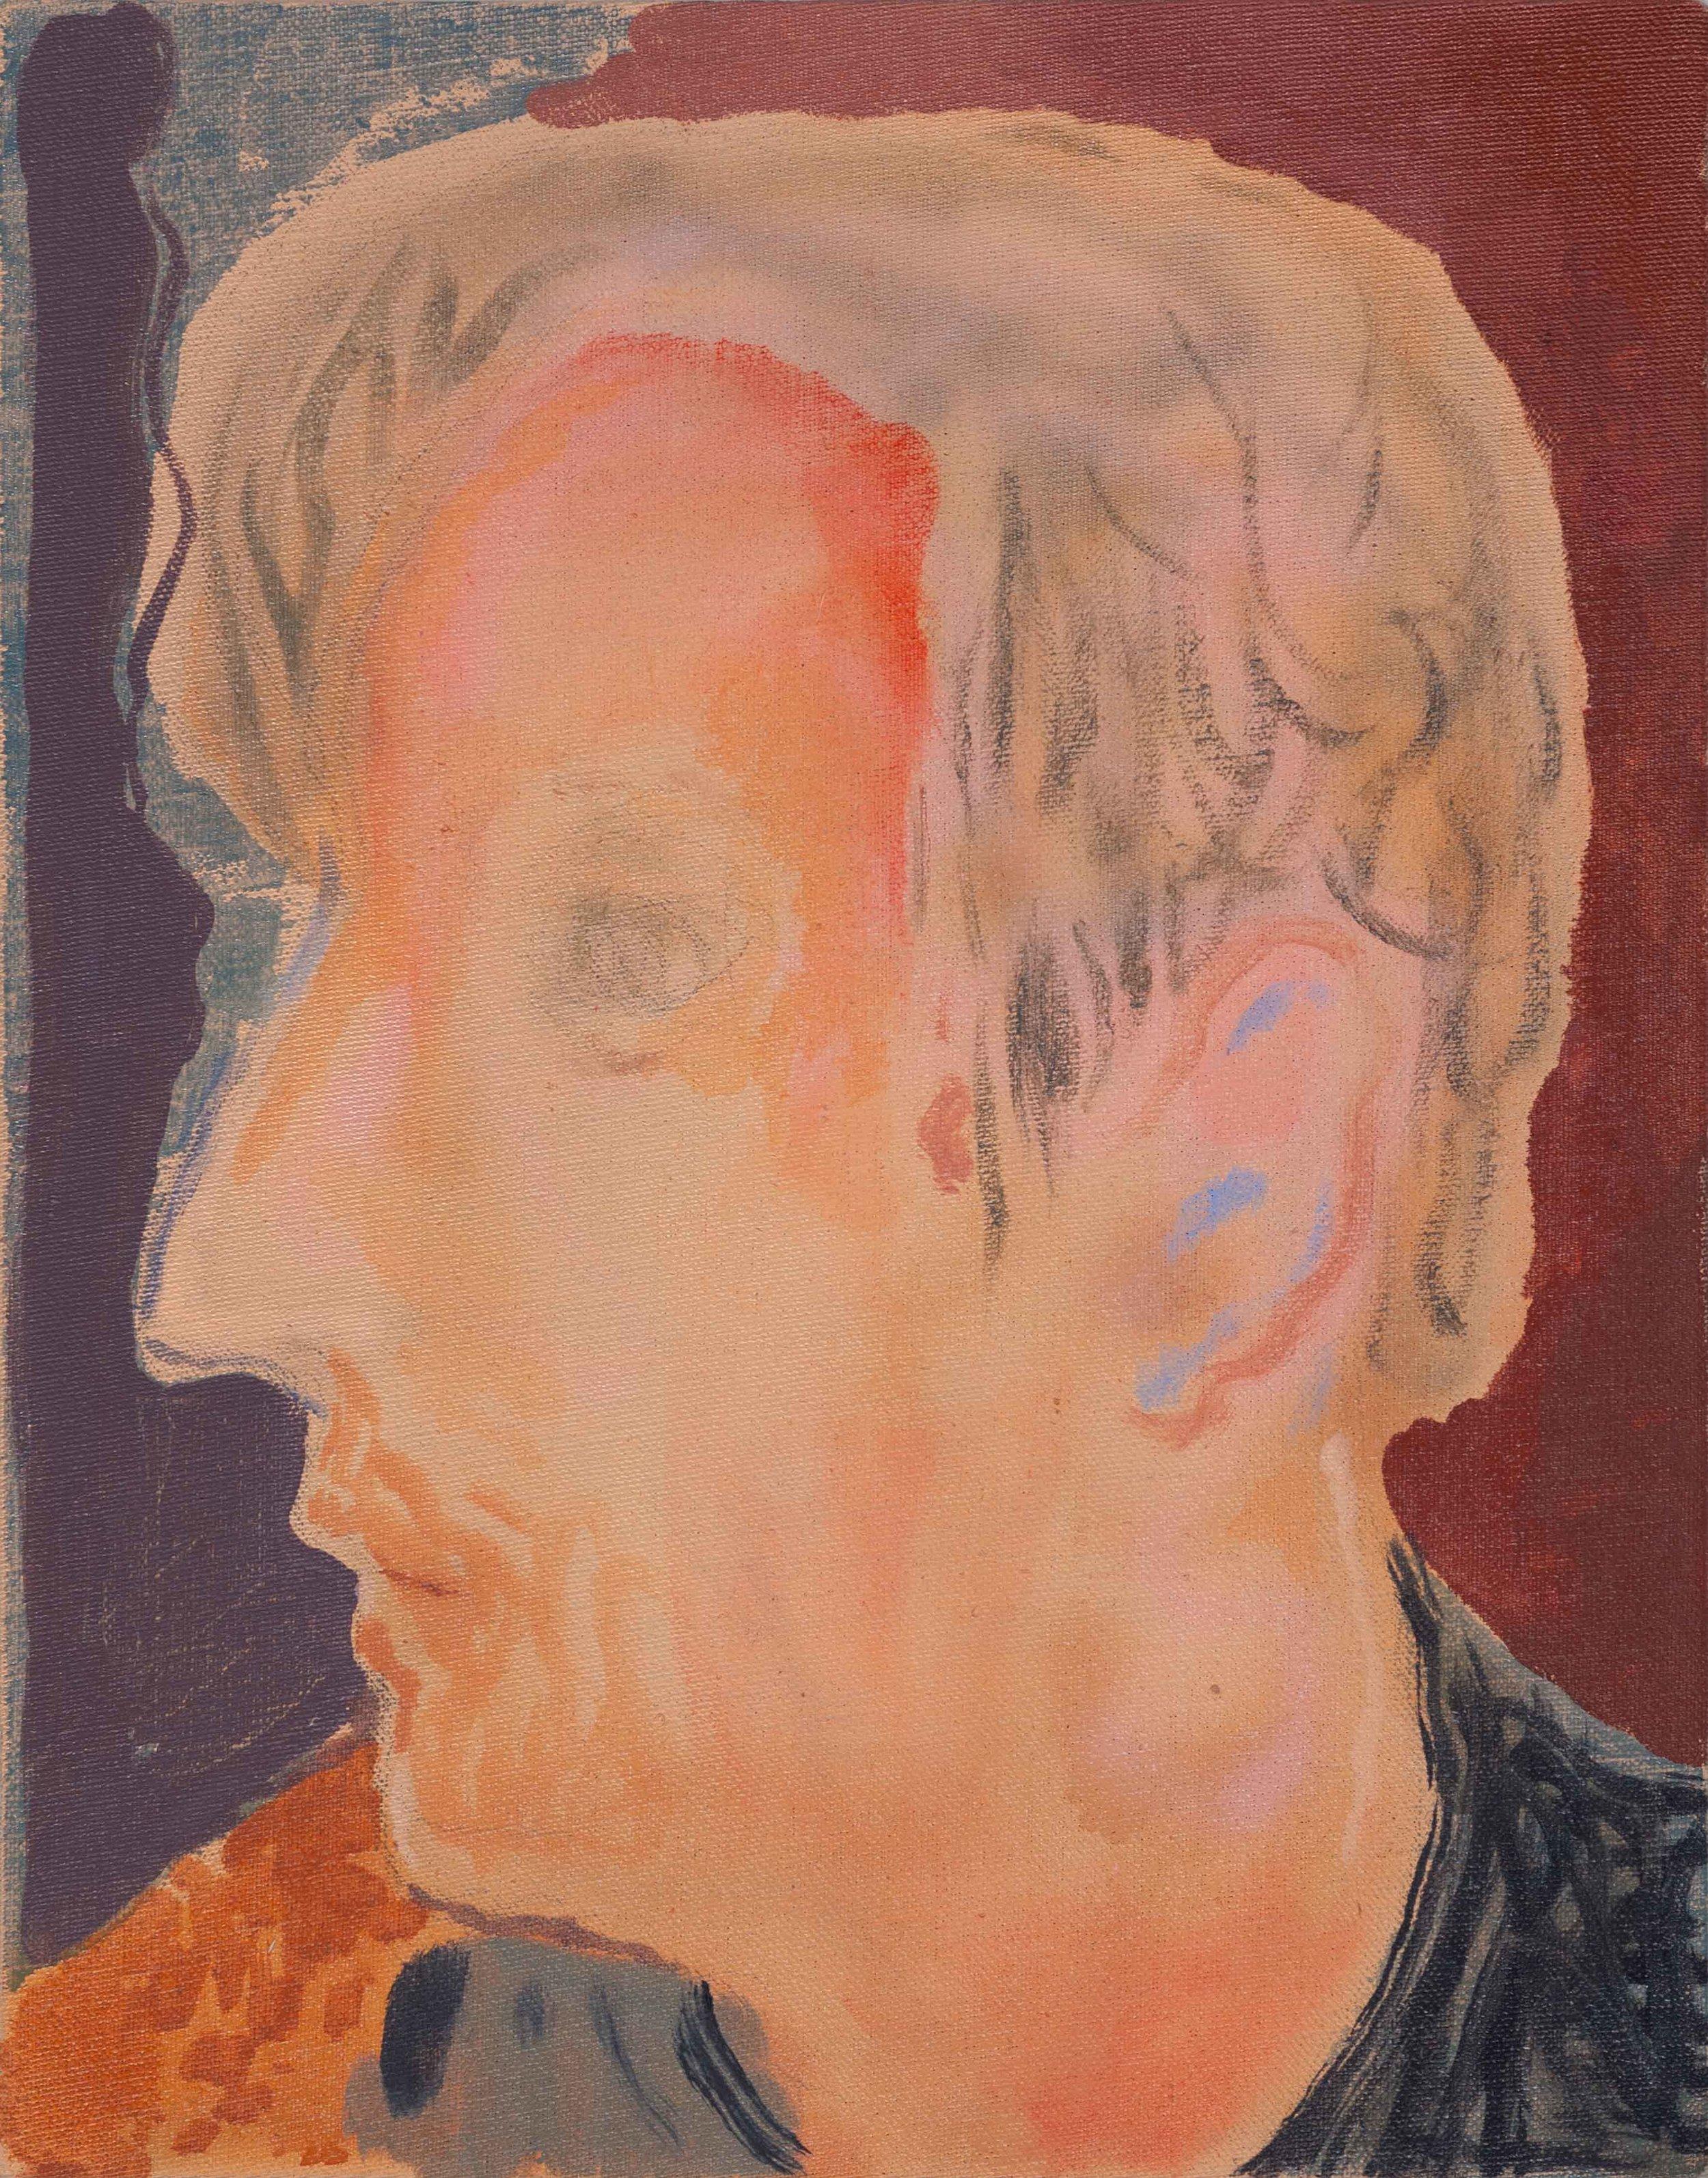 """Head, Oil, Spray Paint, and Acrylic on Linen, 11"""" x 14"""", 2019."""